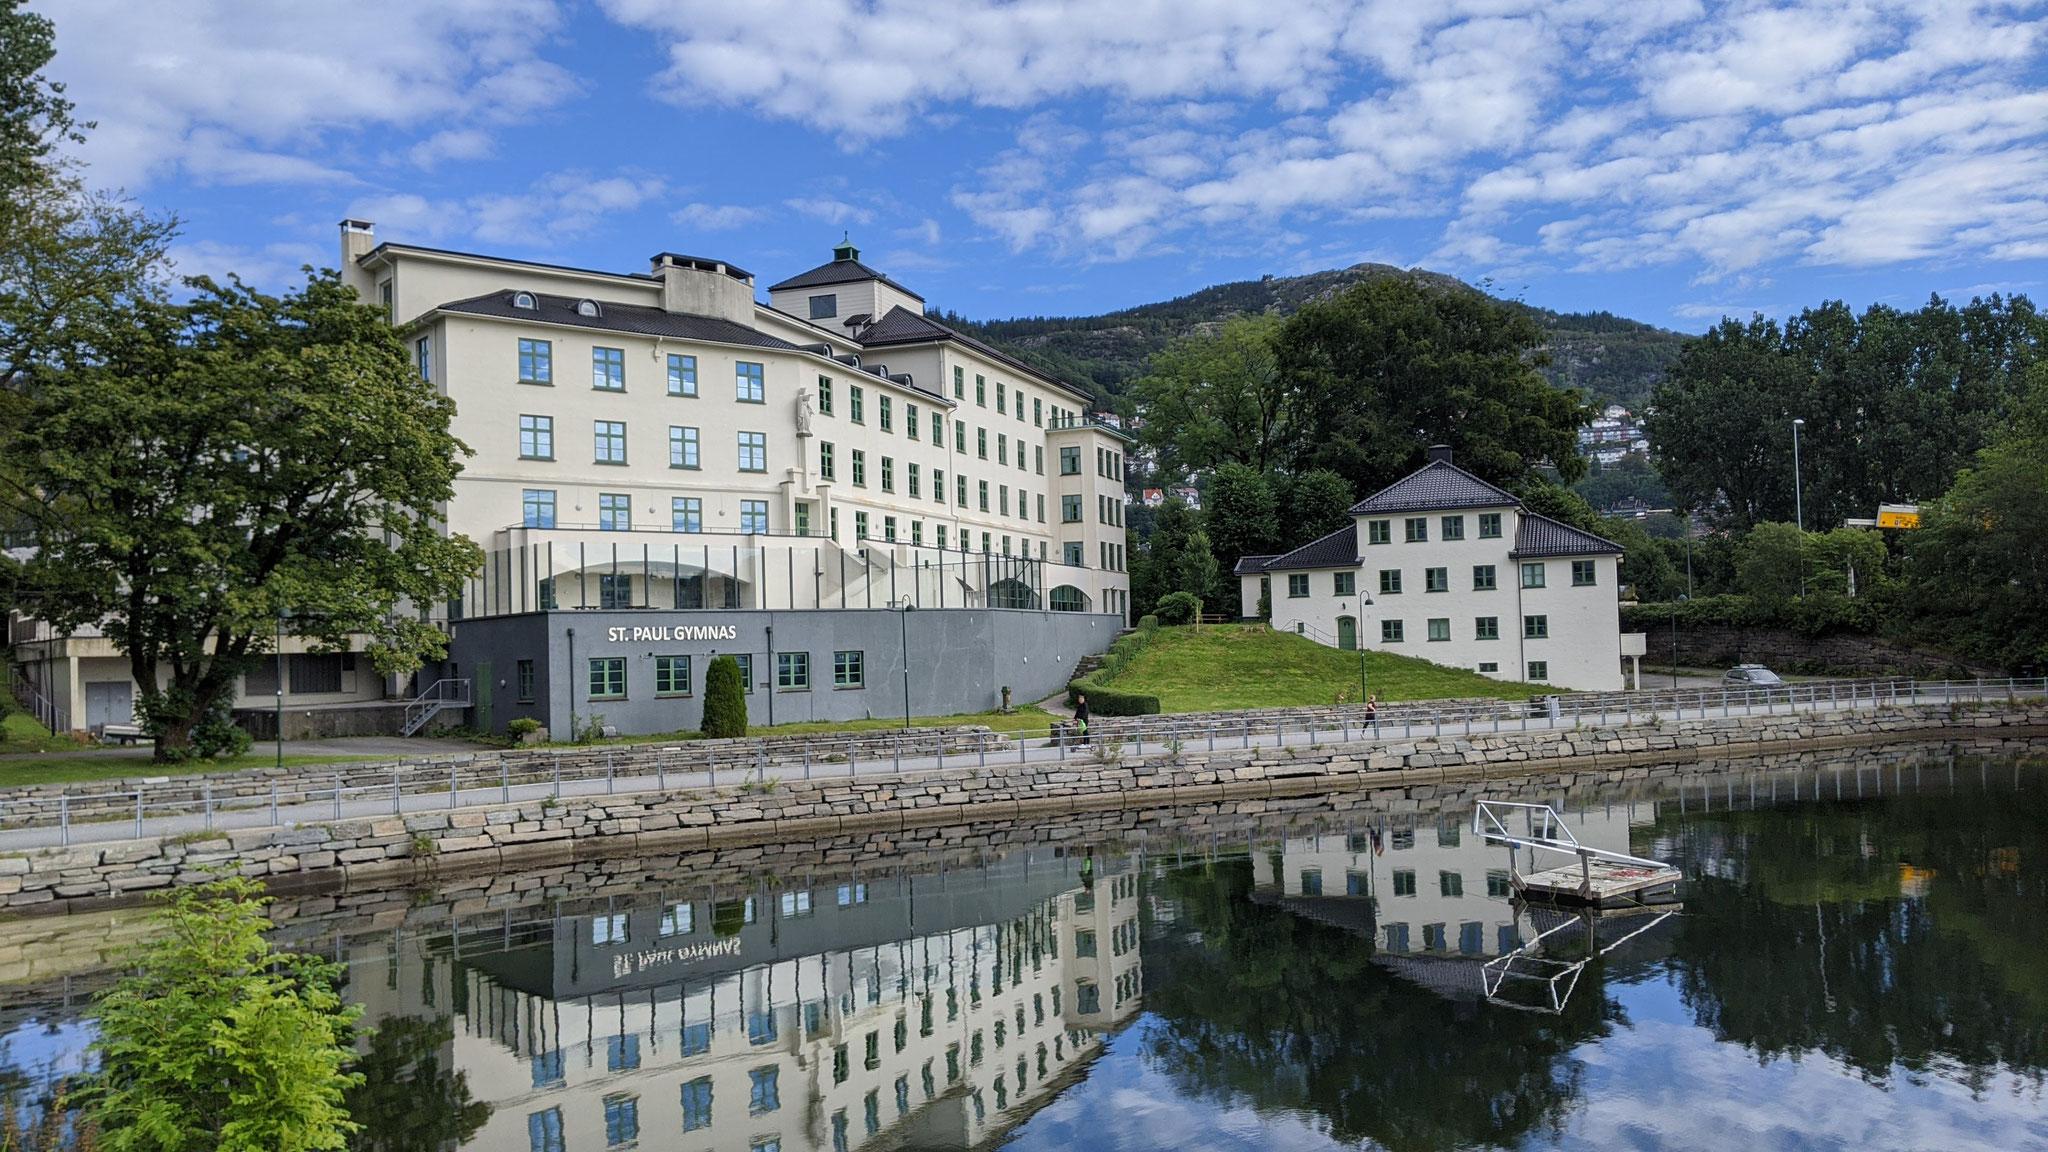 Pauls täglicher Arbeitsplatz: Das St. Paul Gymnasium liegt im Zentrum von Bergen und ist fußläufig vom Kloster entfernt